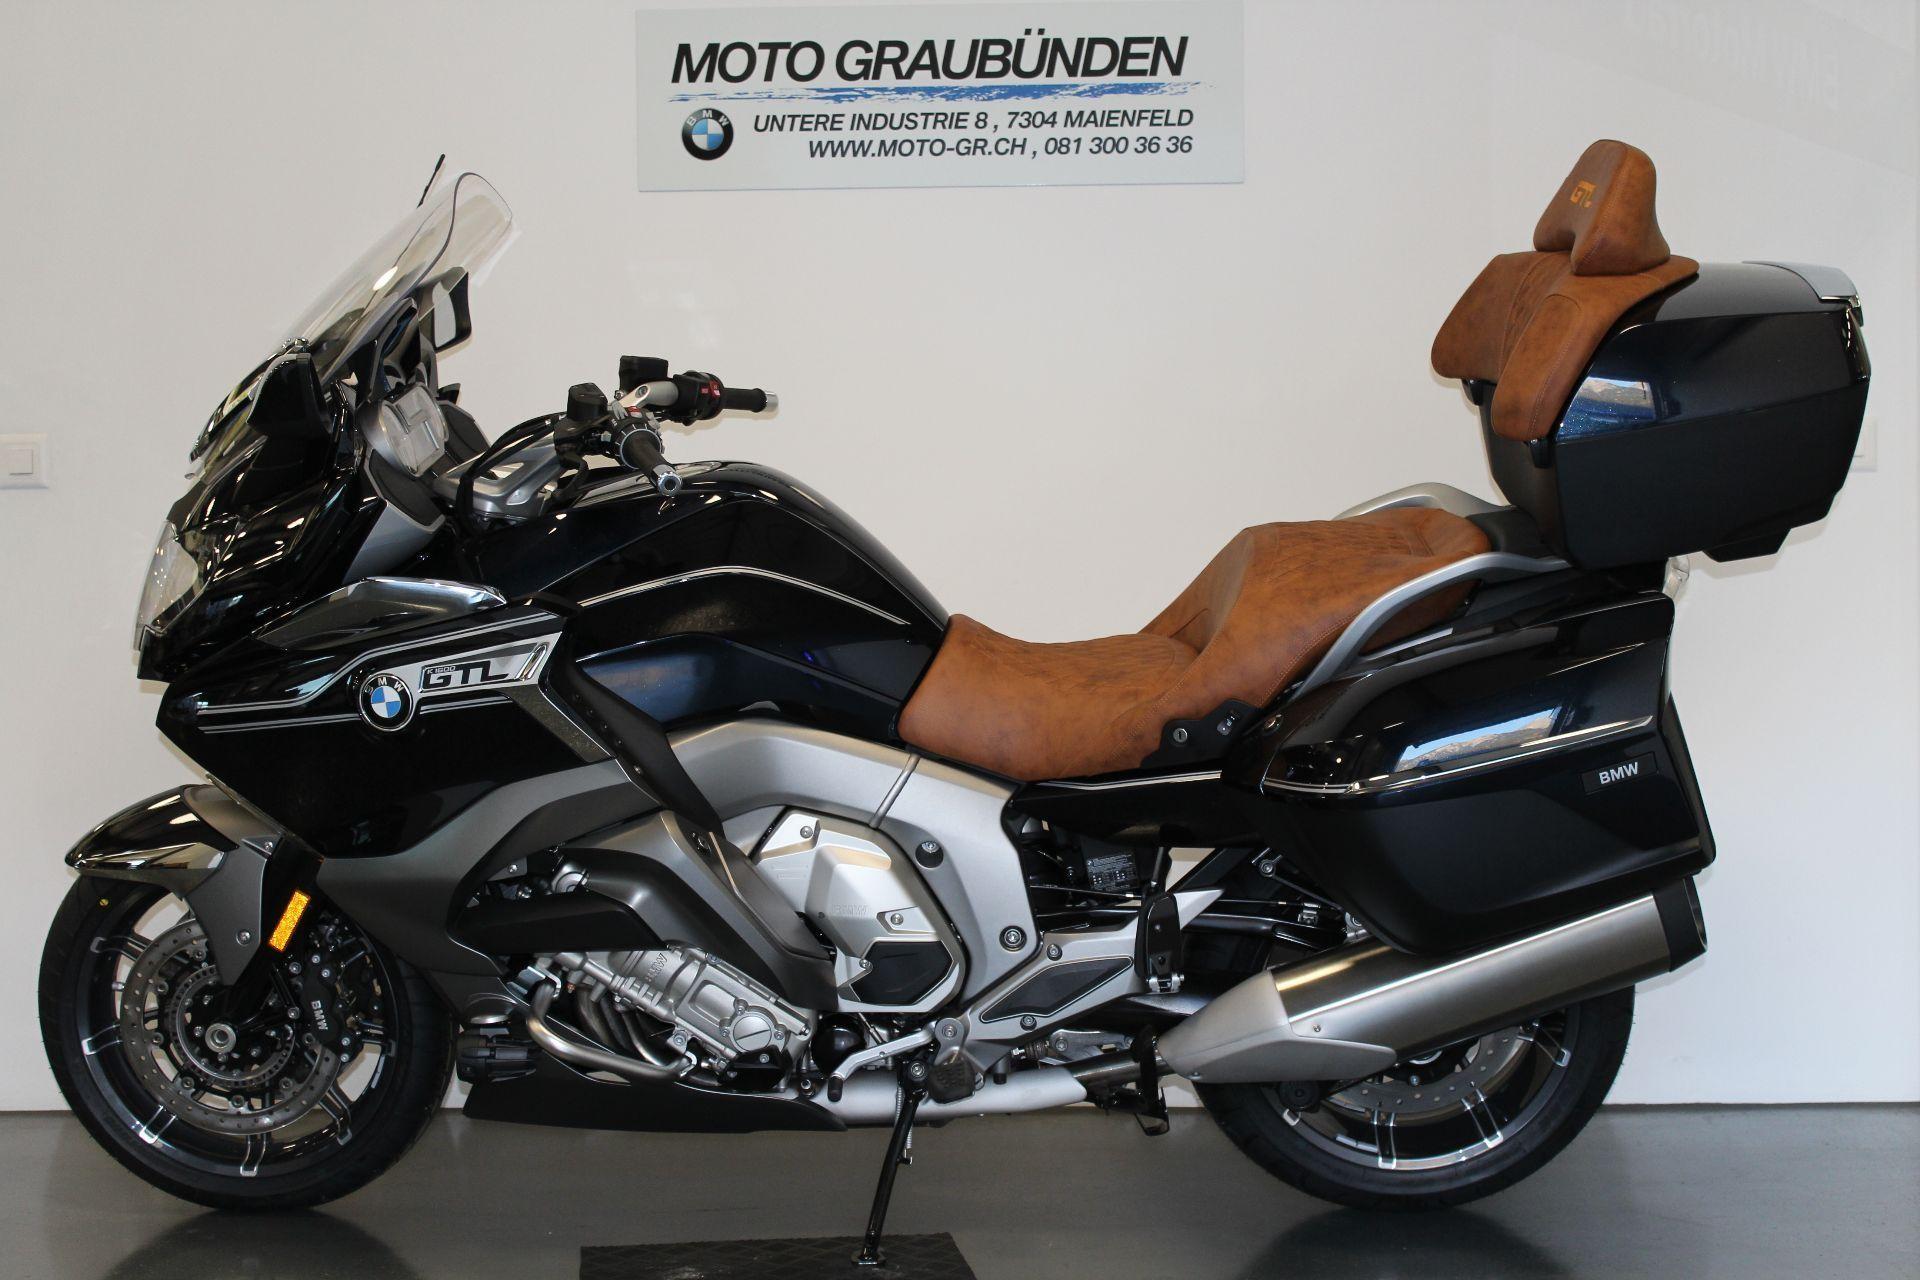 motorrad neufahrzeug kaufen bmw k 1600 gtl abs moto graubünden